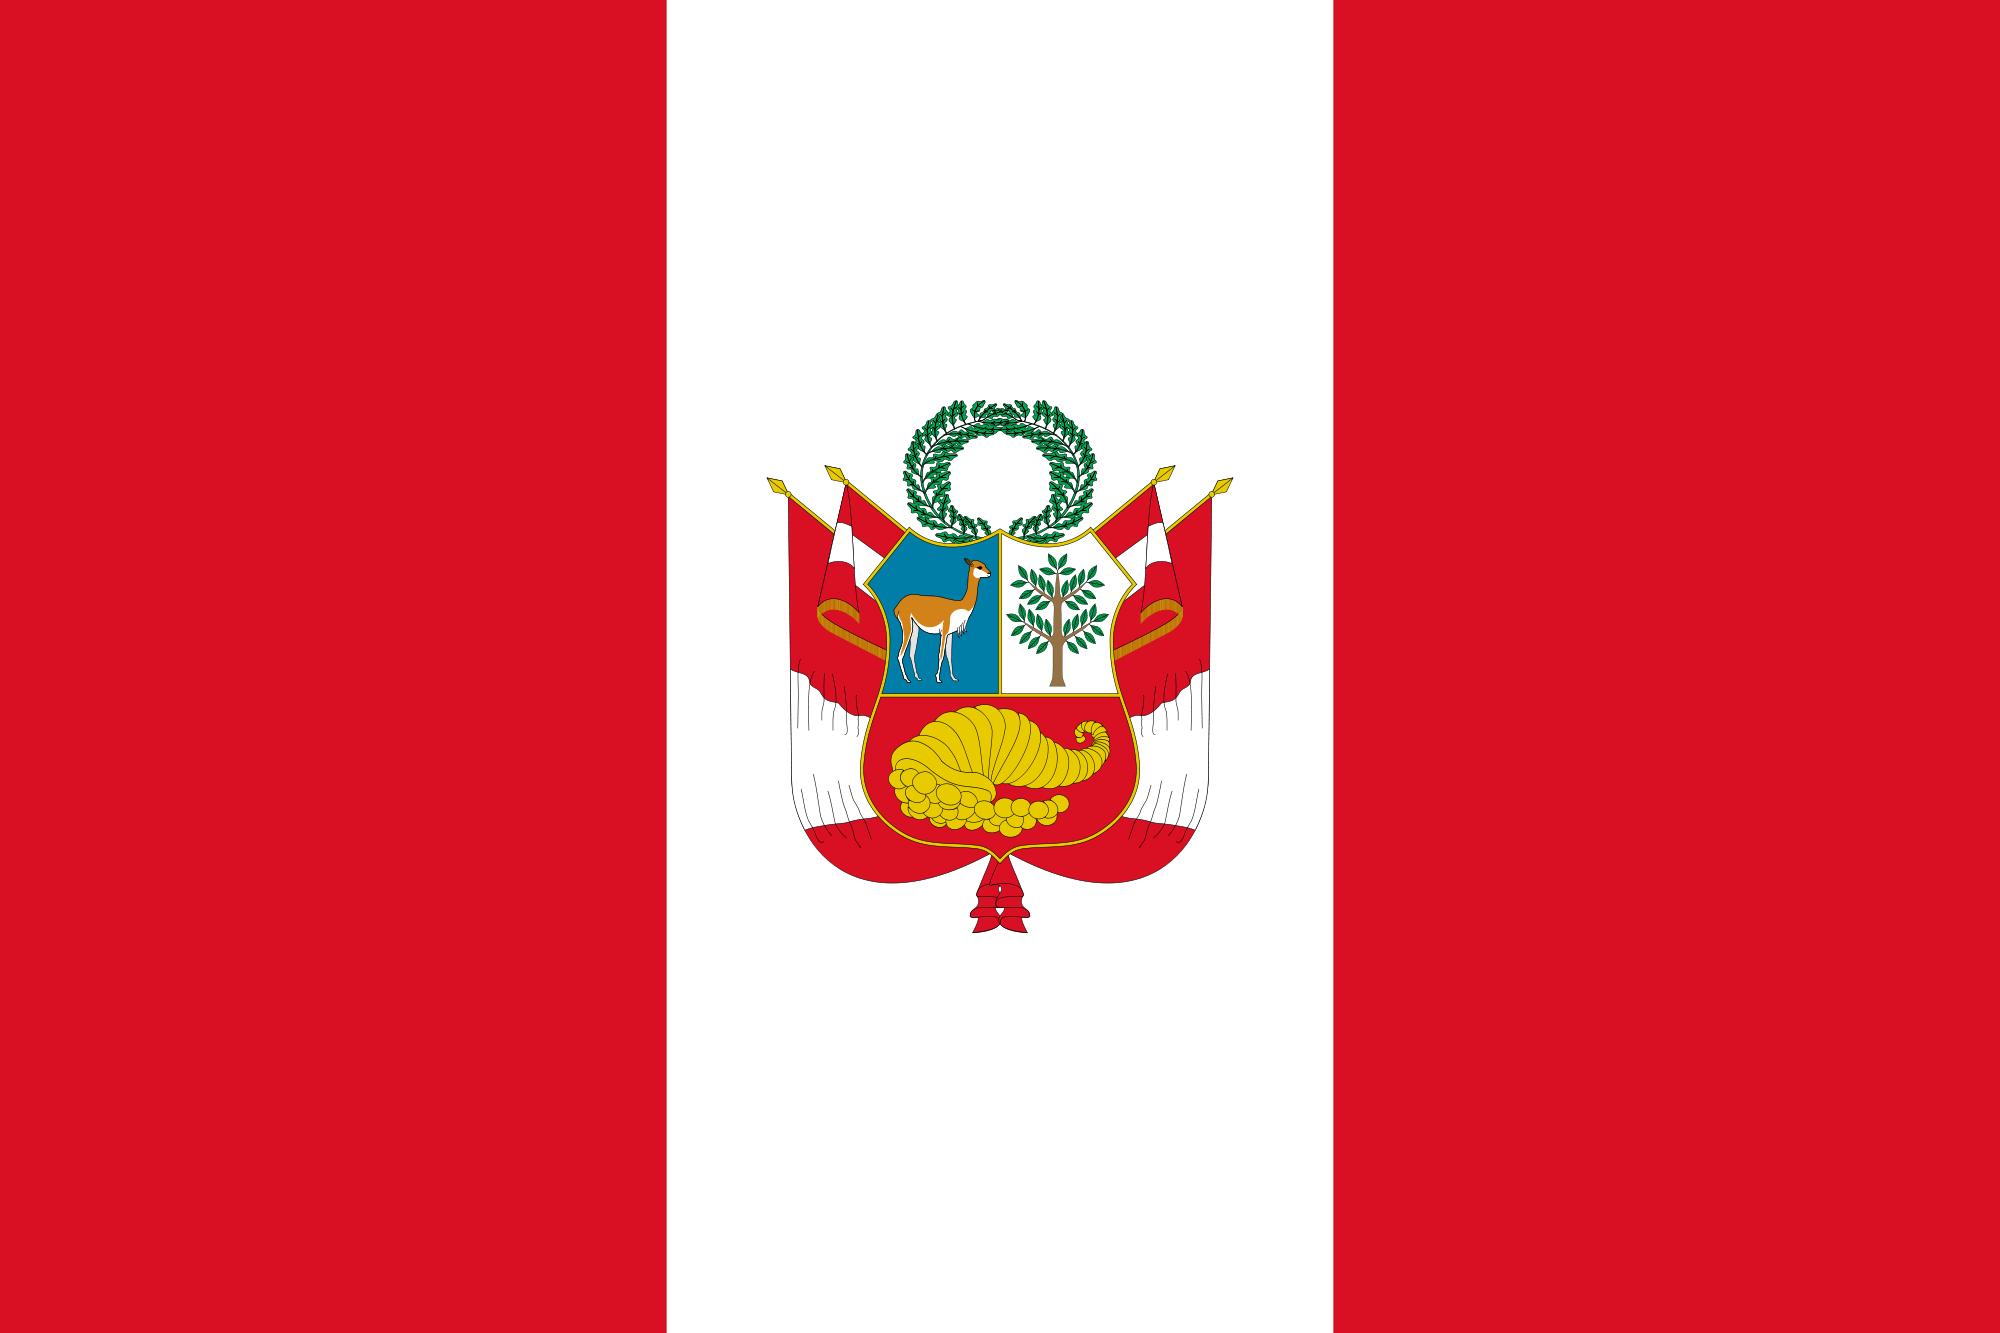 Peru (War flag)